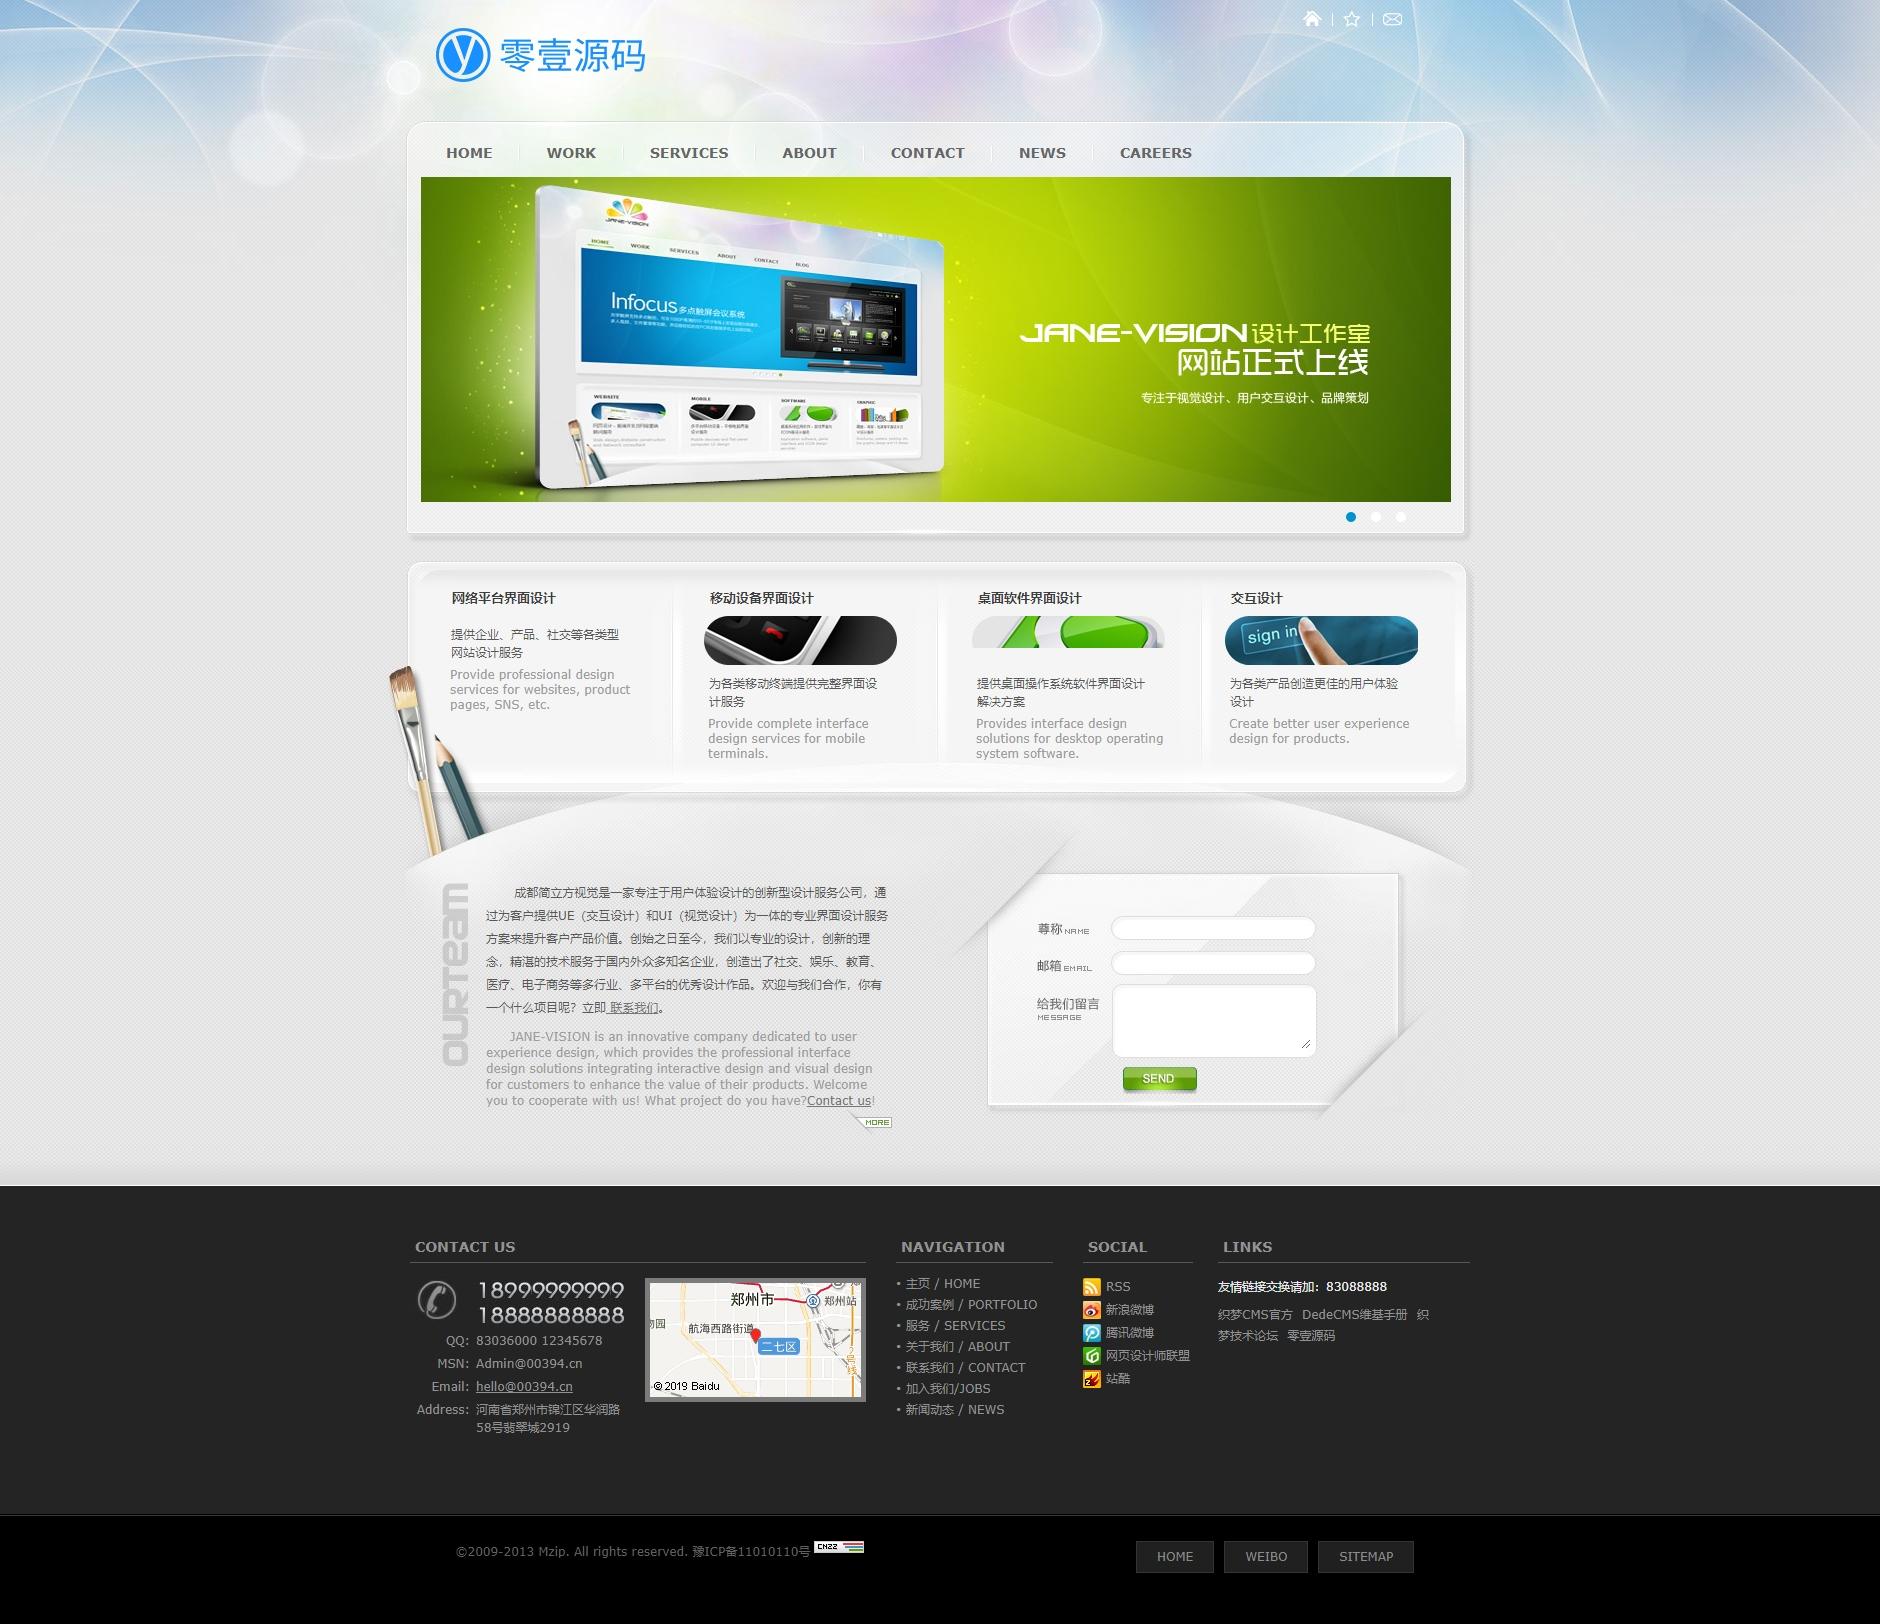 织梦dedecms灰色简约网络工作室整站模板